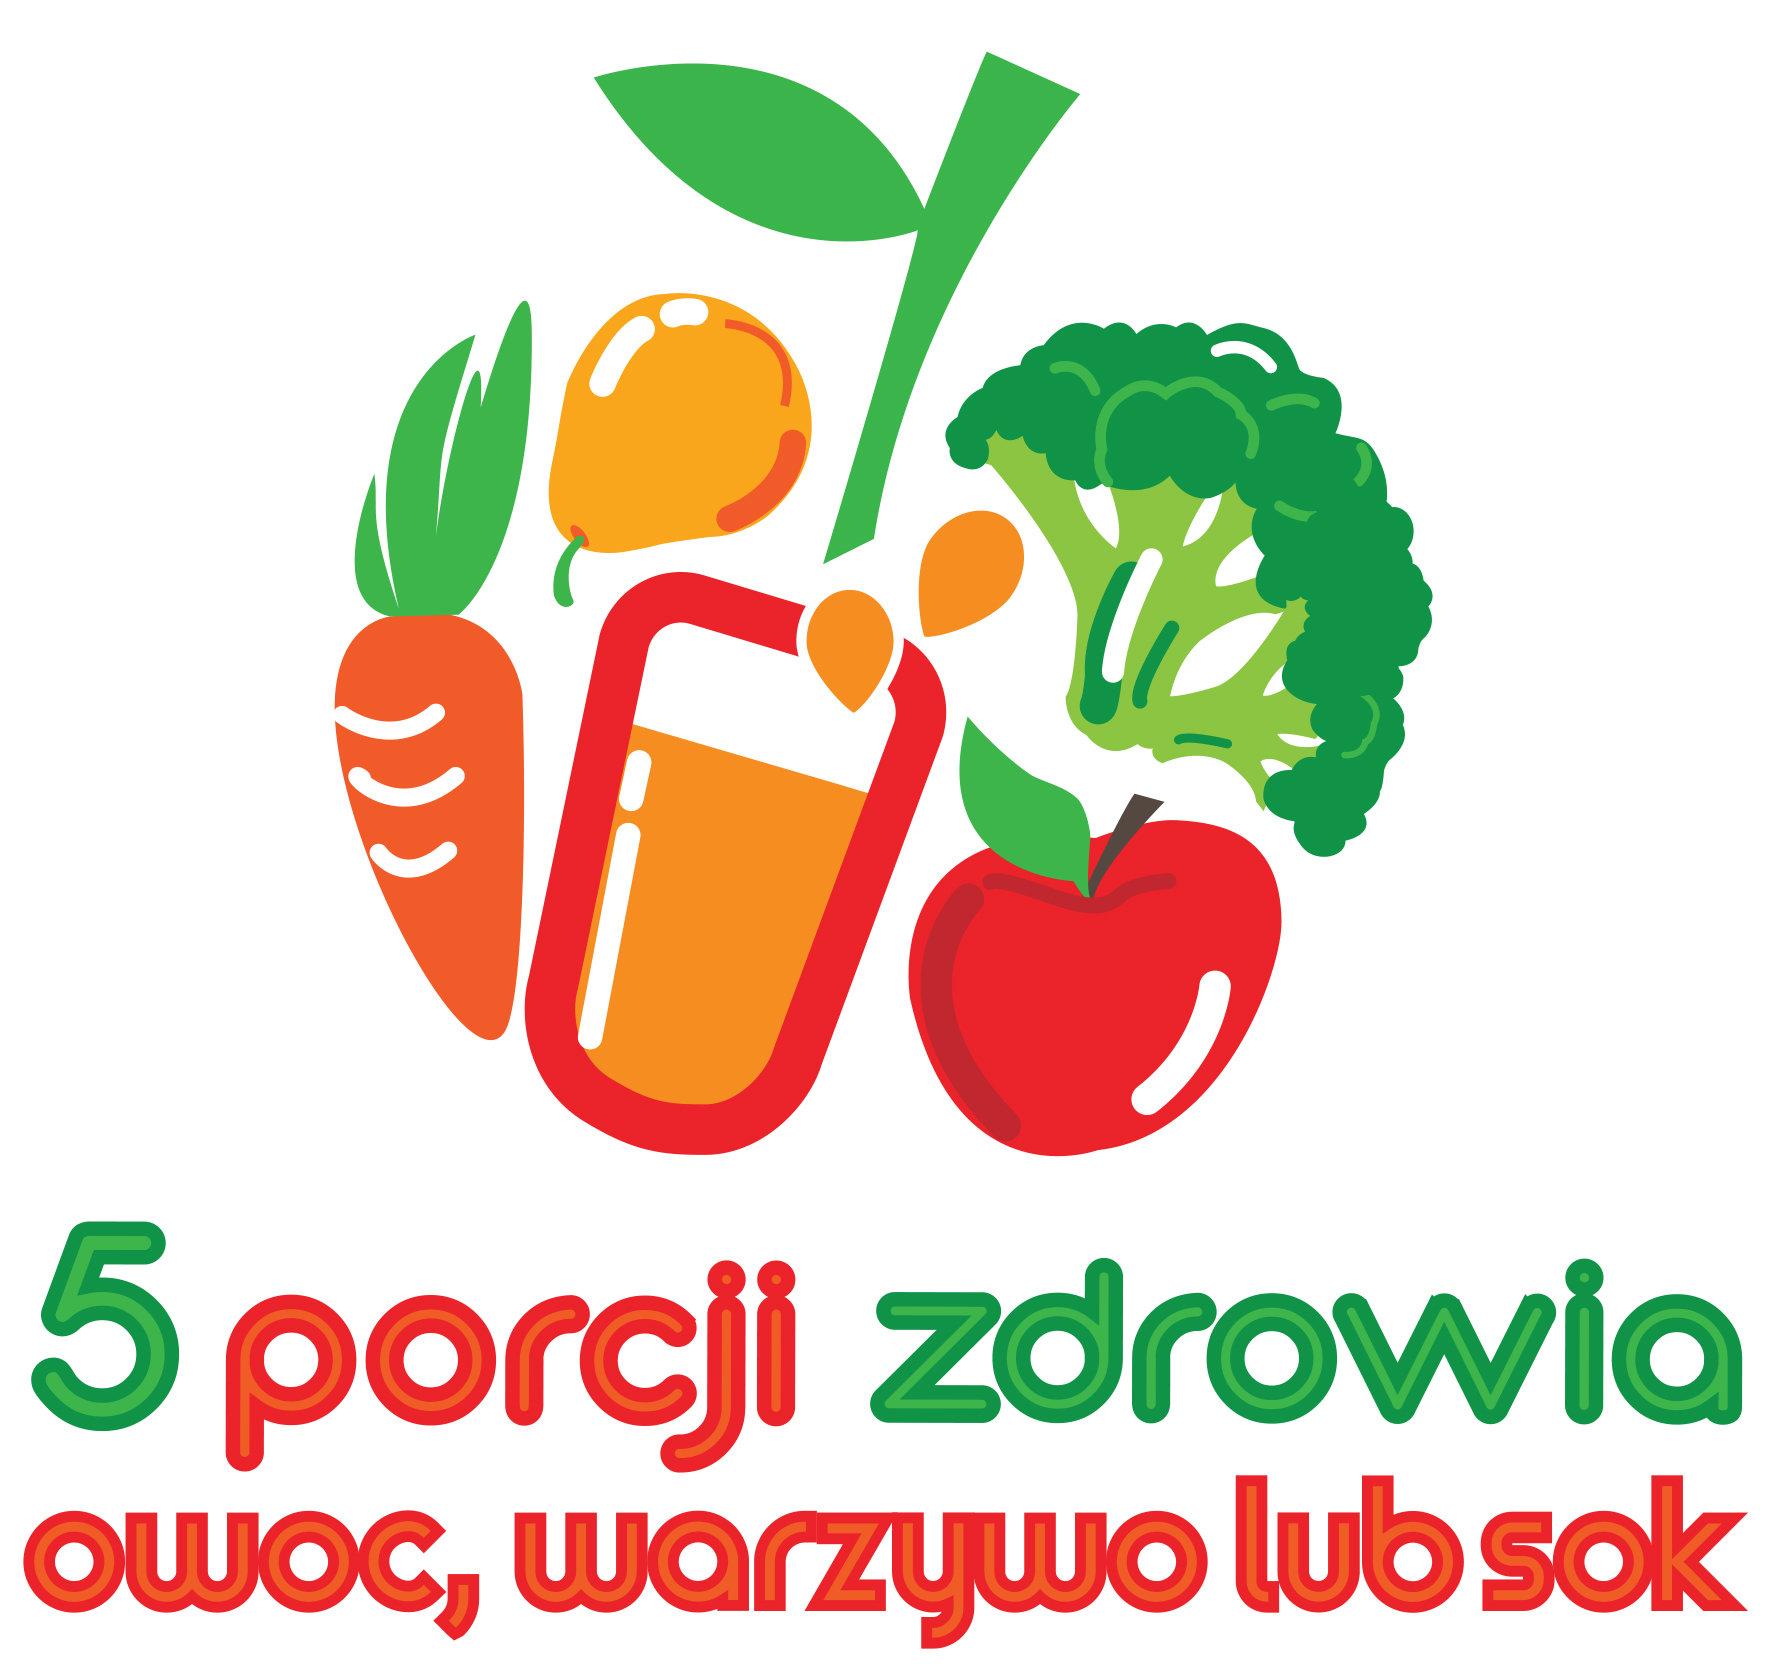 """Jak wykształcić prawidłowe nawyki żywieniowe? Odpowiedzi przyniesie startująca, już VIII, edycja kampanii edukacyjno-informacyjnej """"5 porcji warzyw, owoców lub soku""""."""